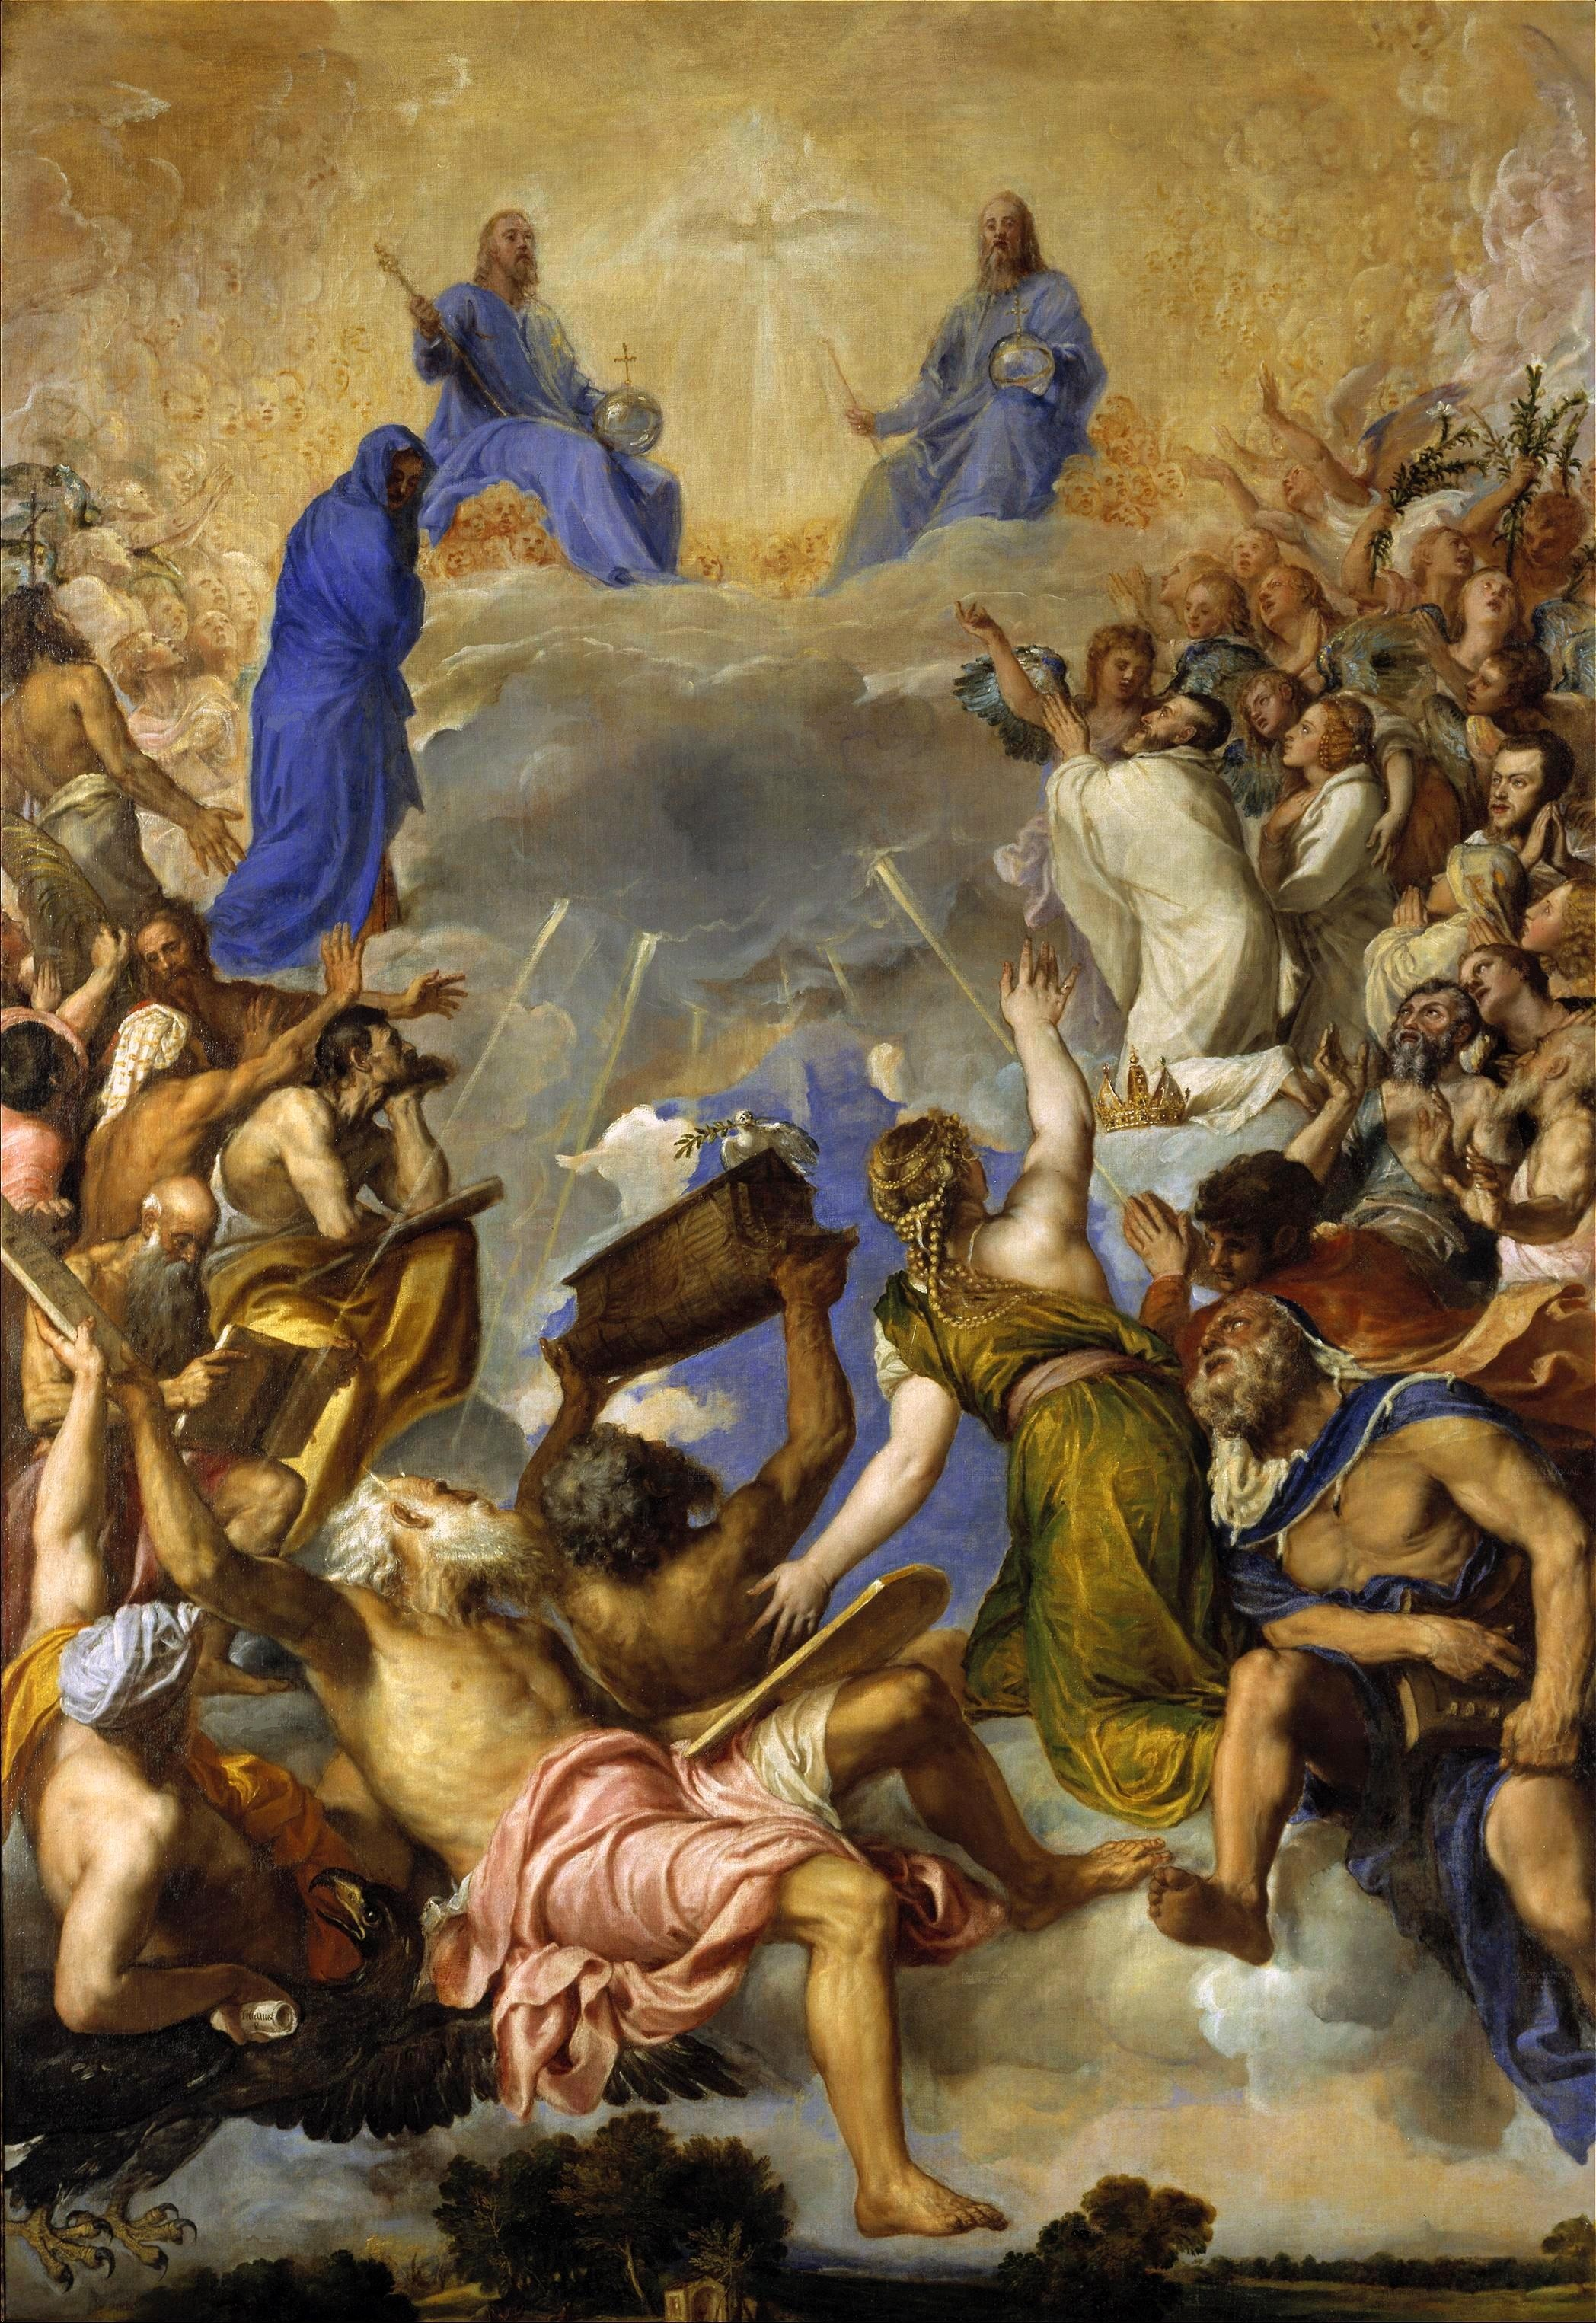 File:Tiziano-gloria-1554.jpg